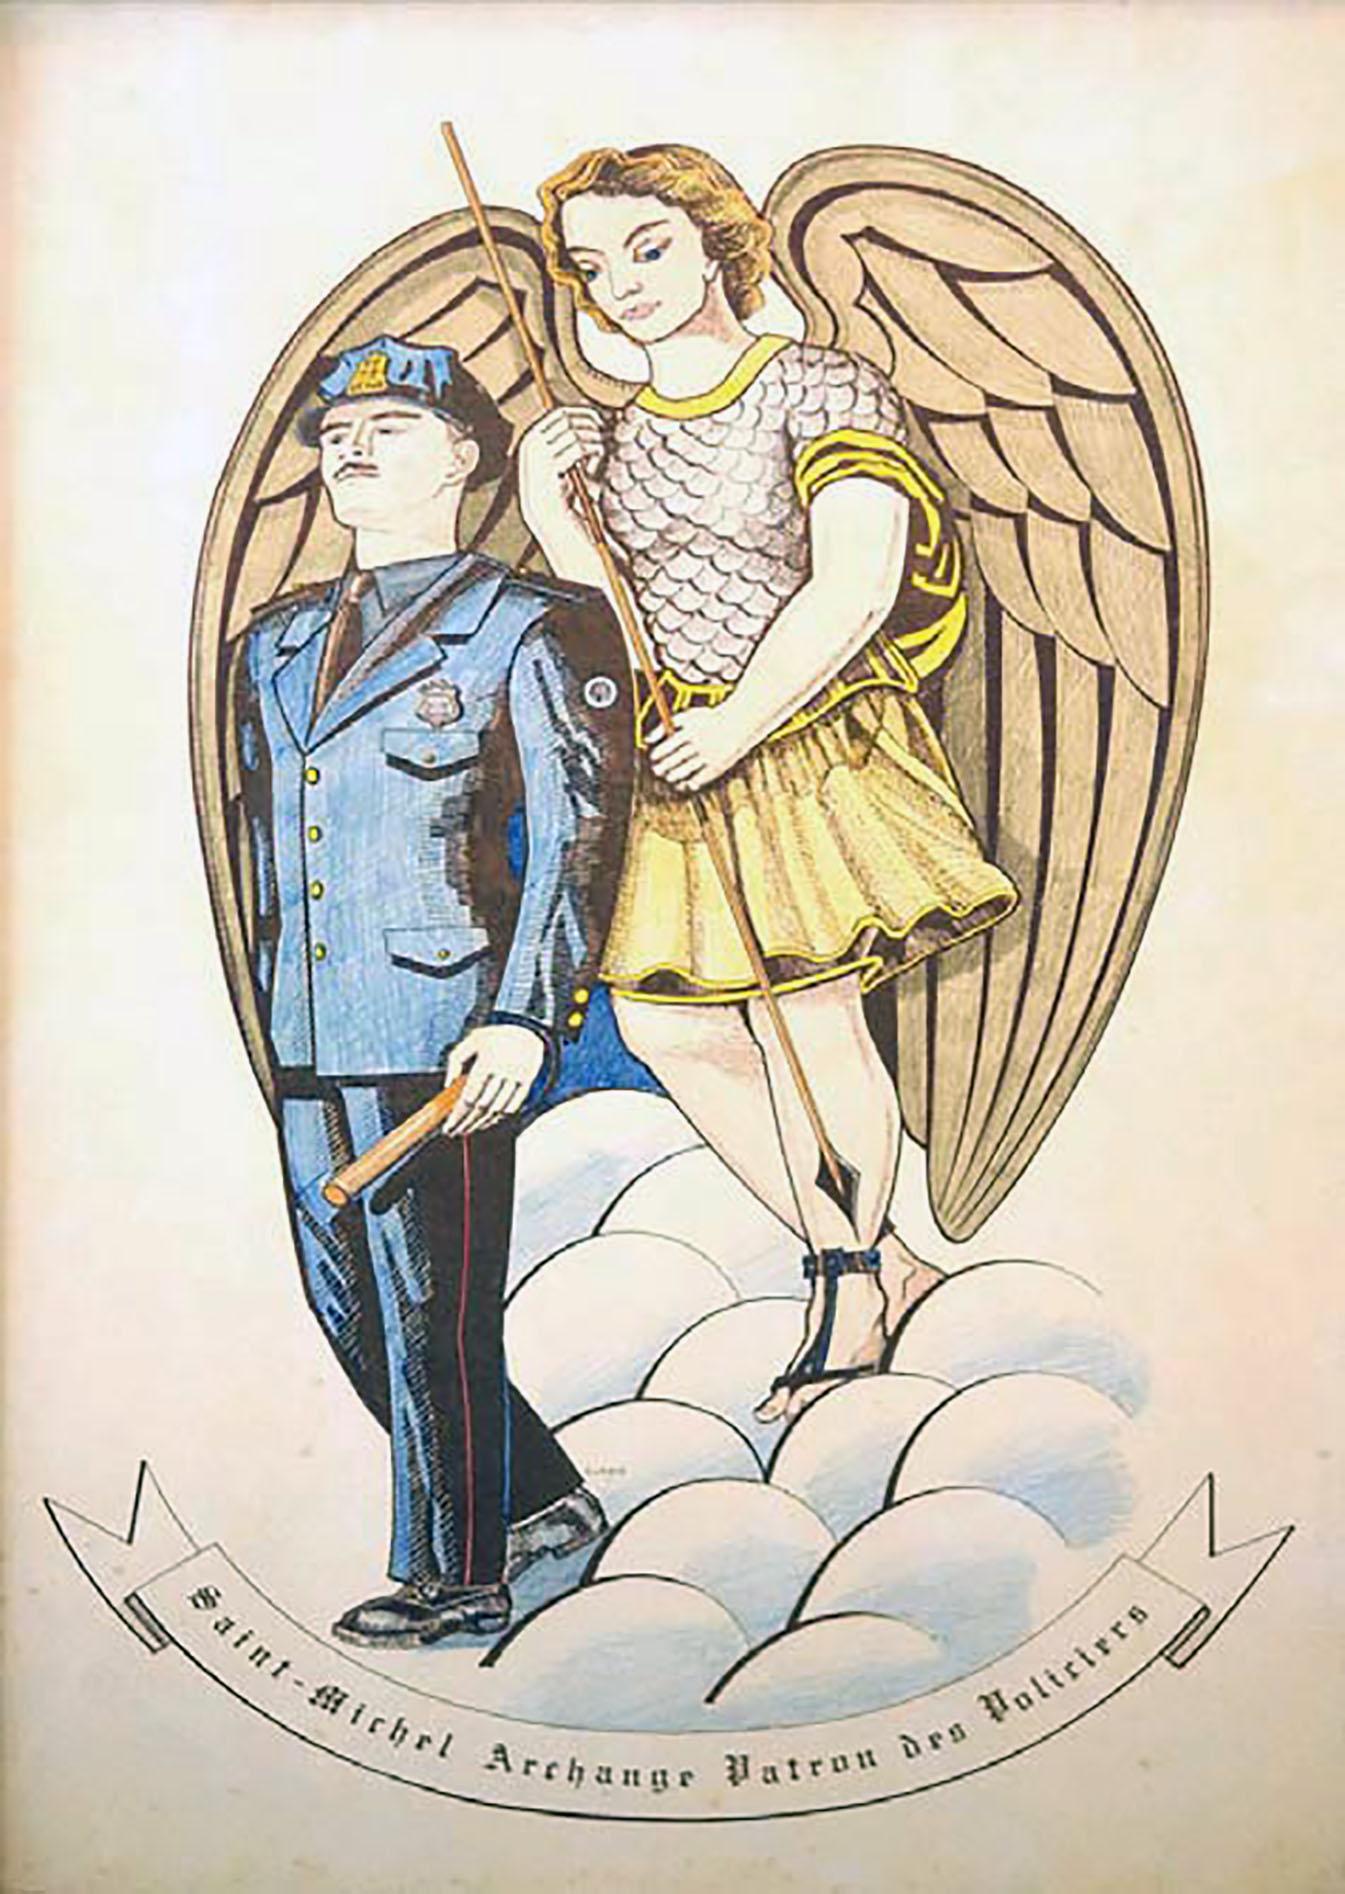 Illustration en couleurs sur laquelle est visible au premier plan un policier dans un uniforme bleu. Derrière lui se tient un personnage ailé. Sous eux, il y a une banderole où on peut lire « Saint-Michel Archange Patron des Policiers ».